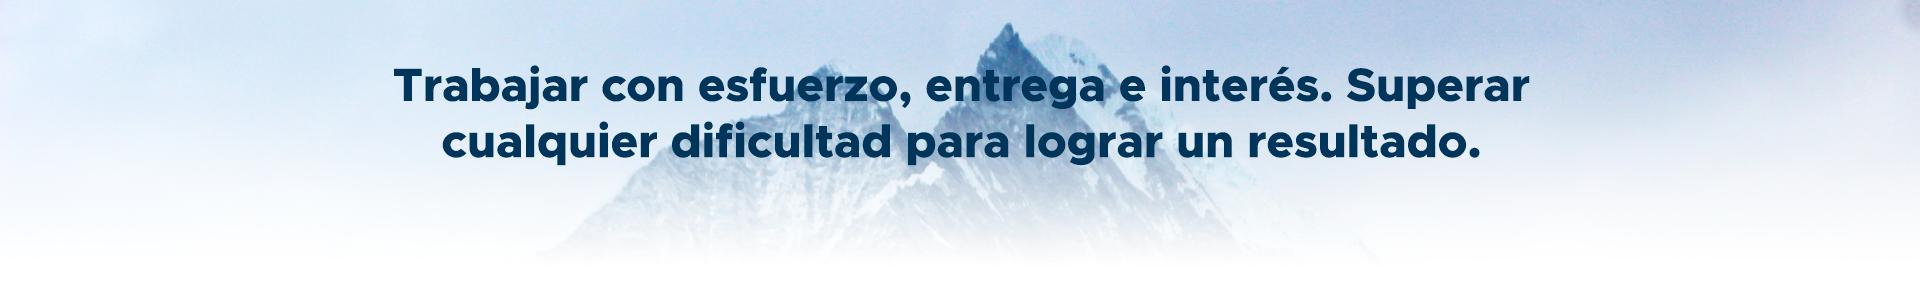 brego-es.png